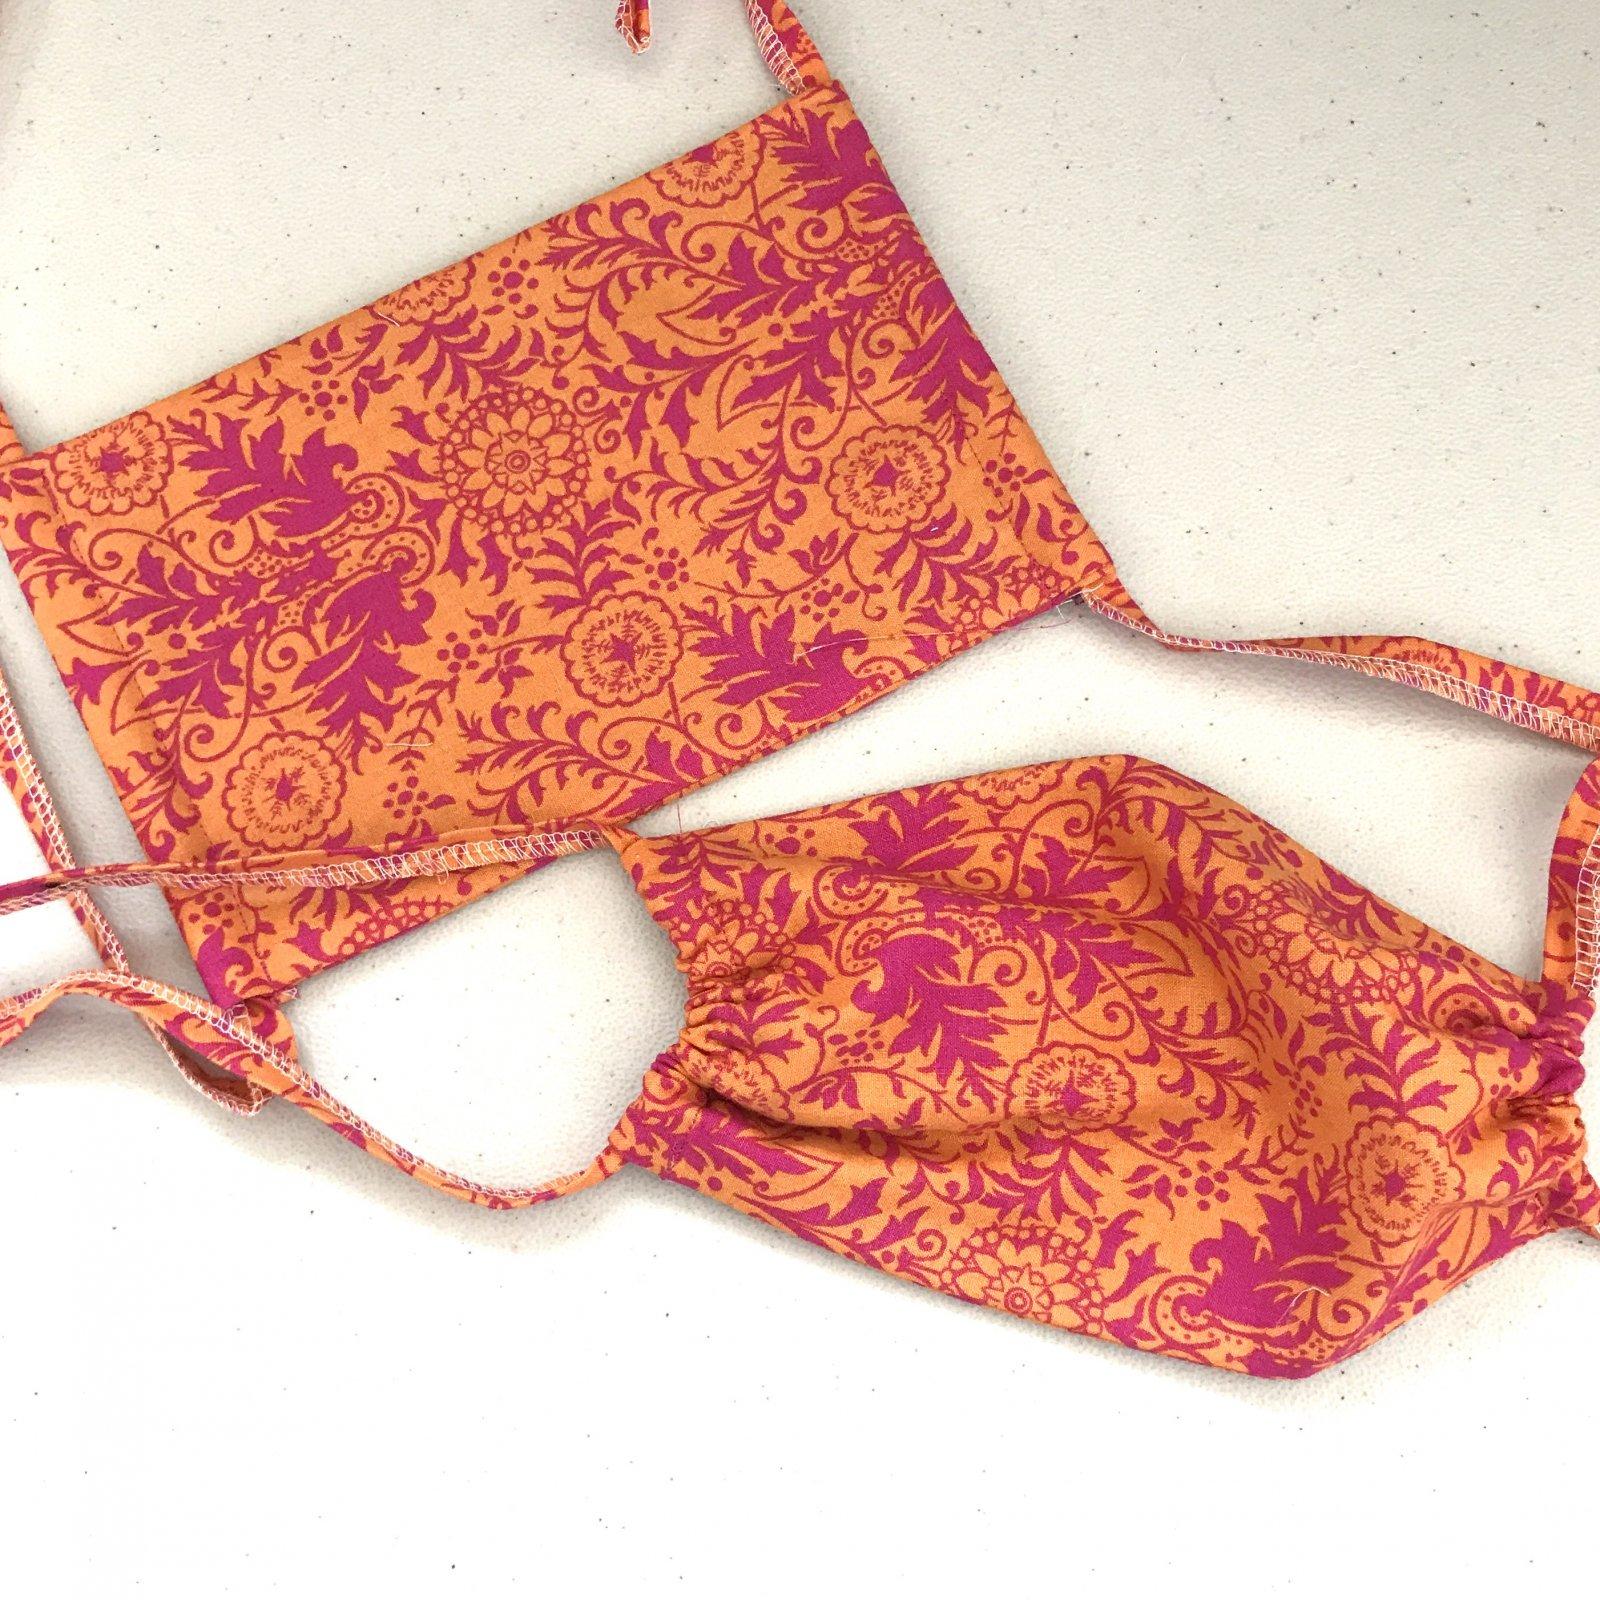 3 Layer Cotton Drawstring Mask - Tangerine Floral